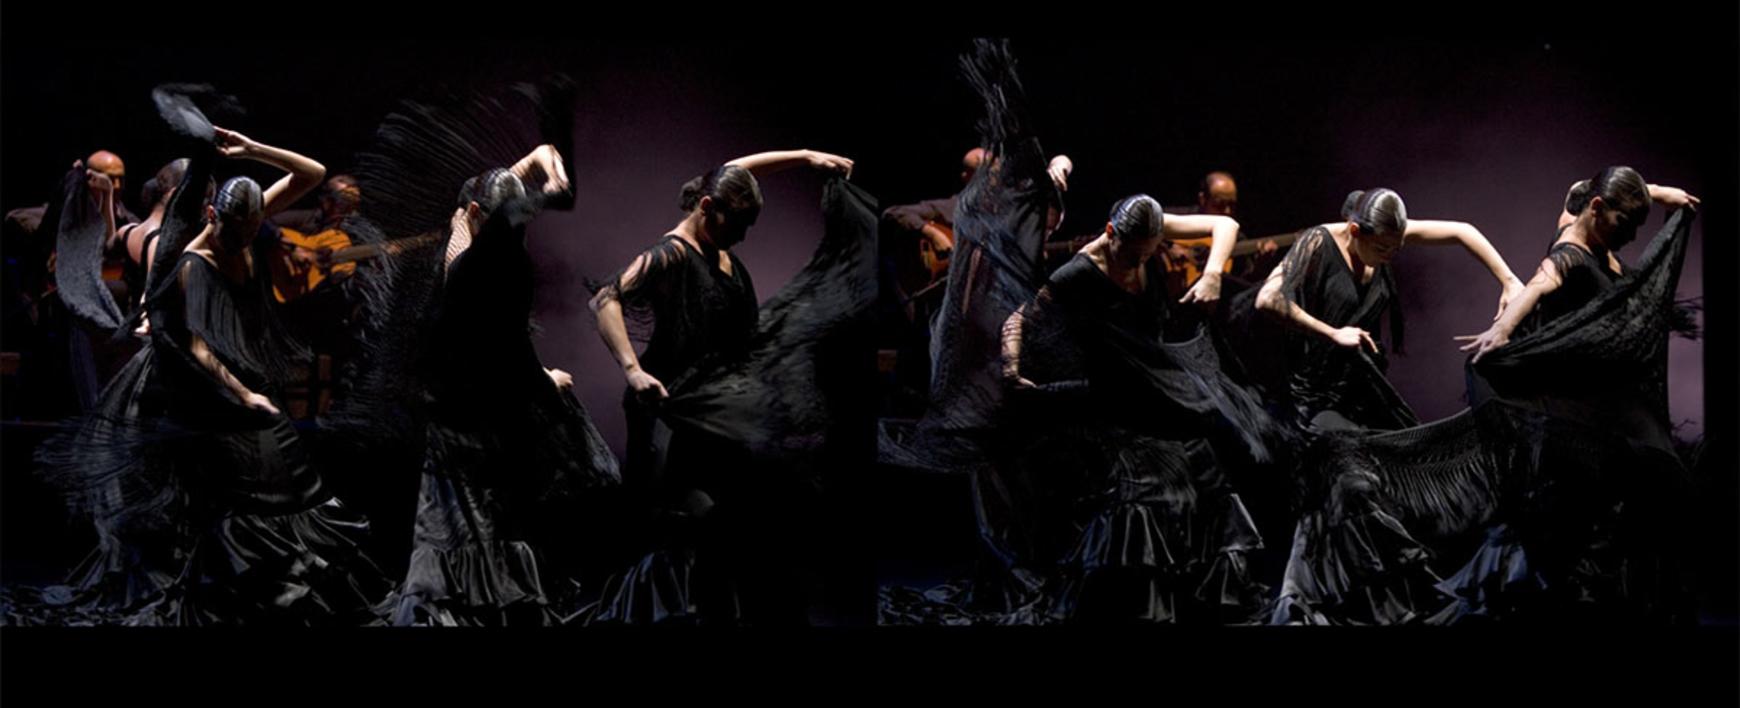 Cuerpo de baile |Fotografía de Peter Müller Peter | Compra arte en Flecha.es